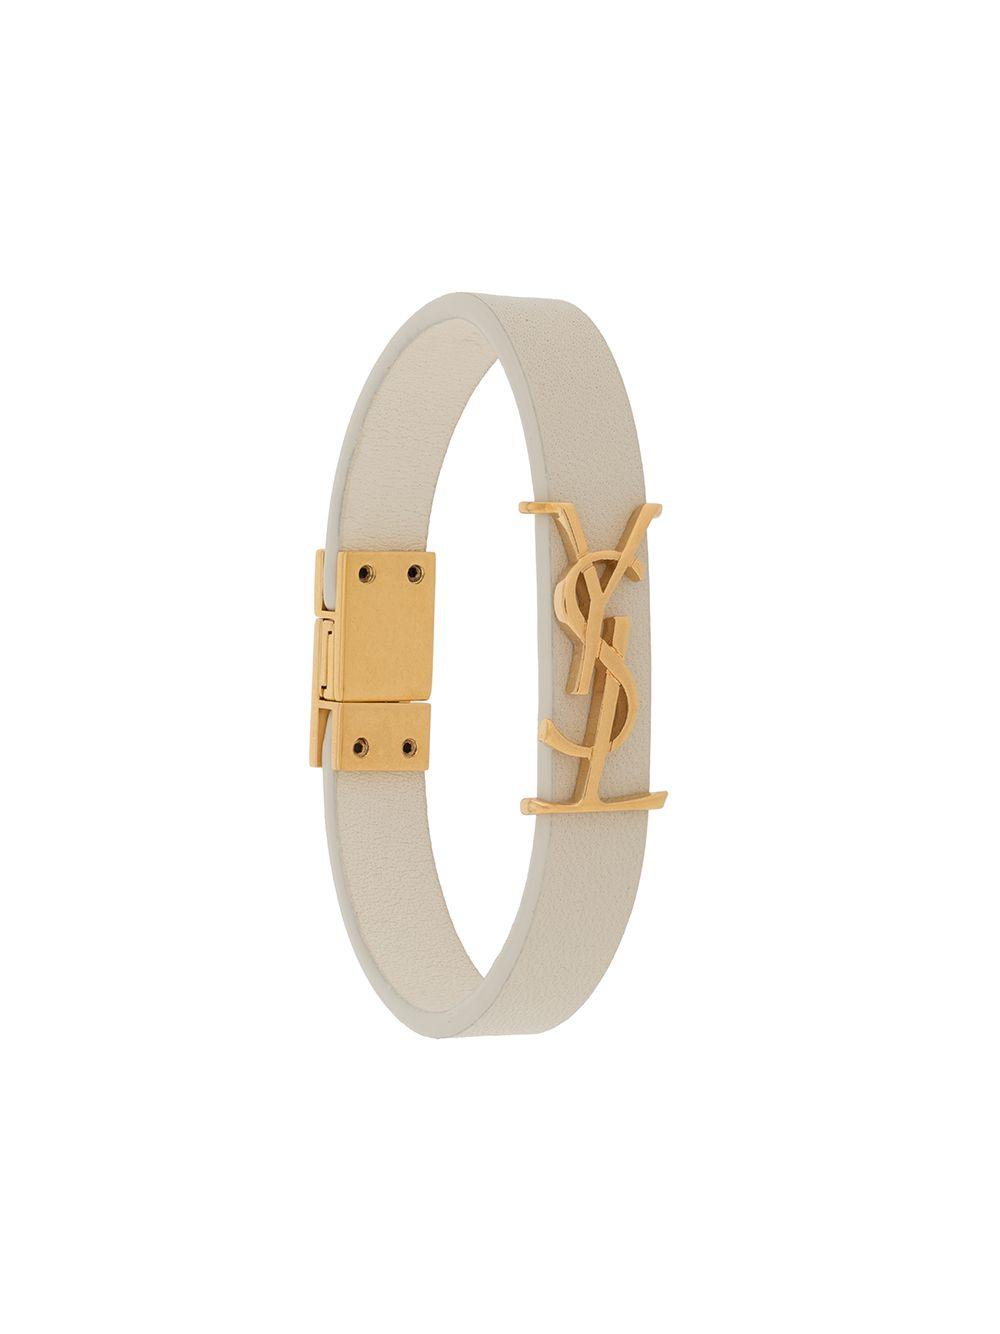 Opyum Leather Bracelet